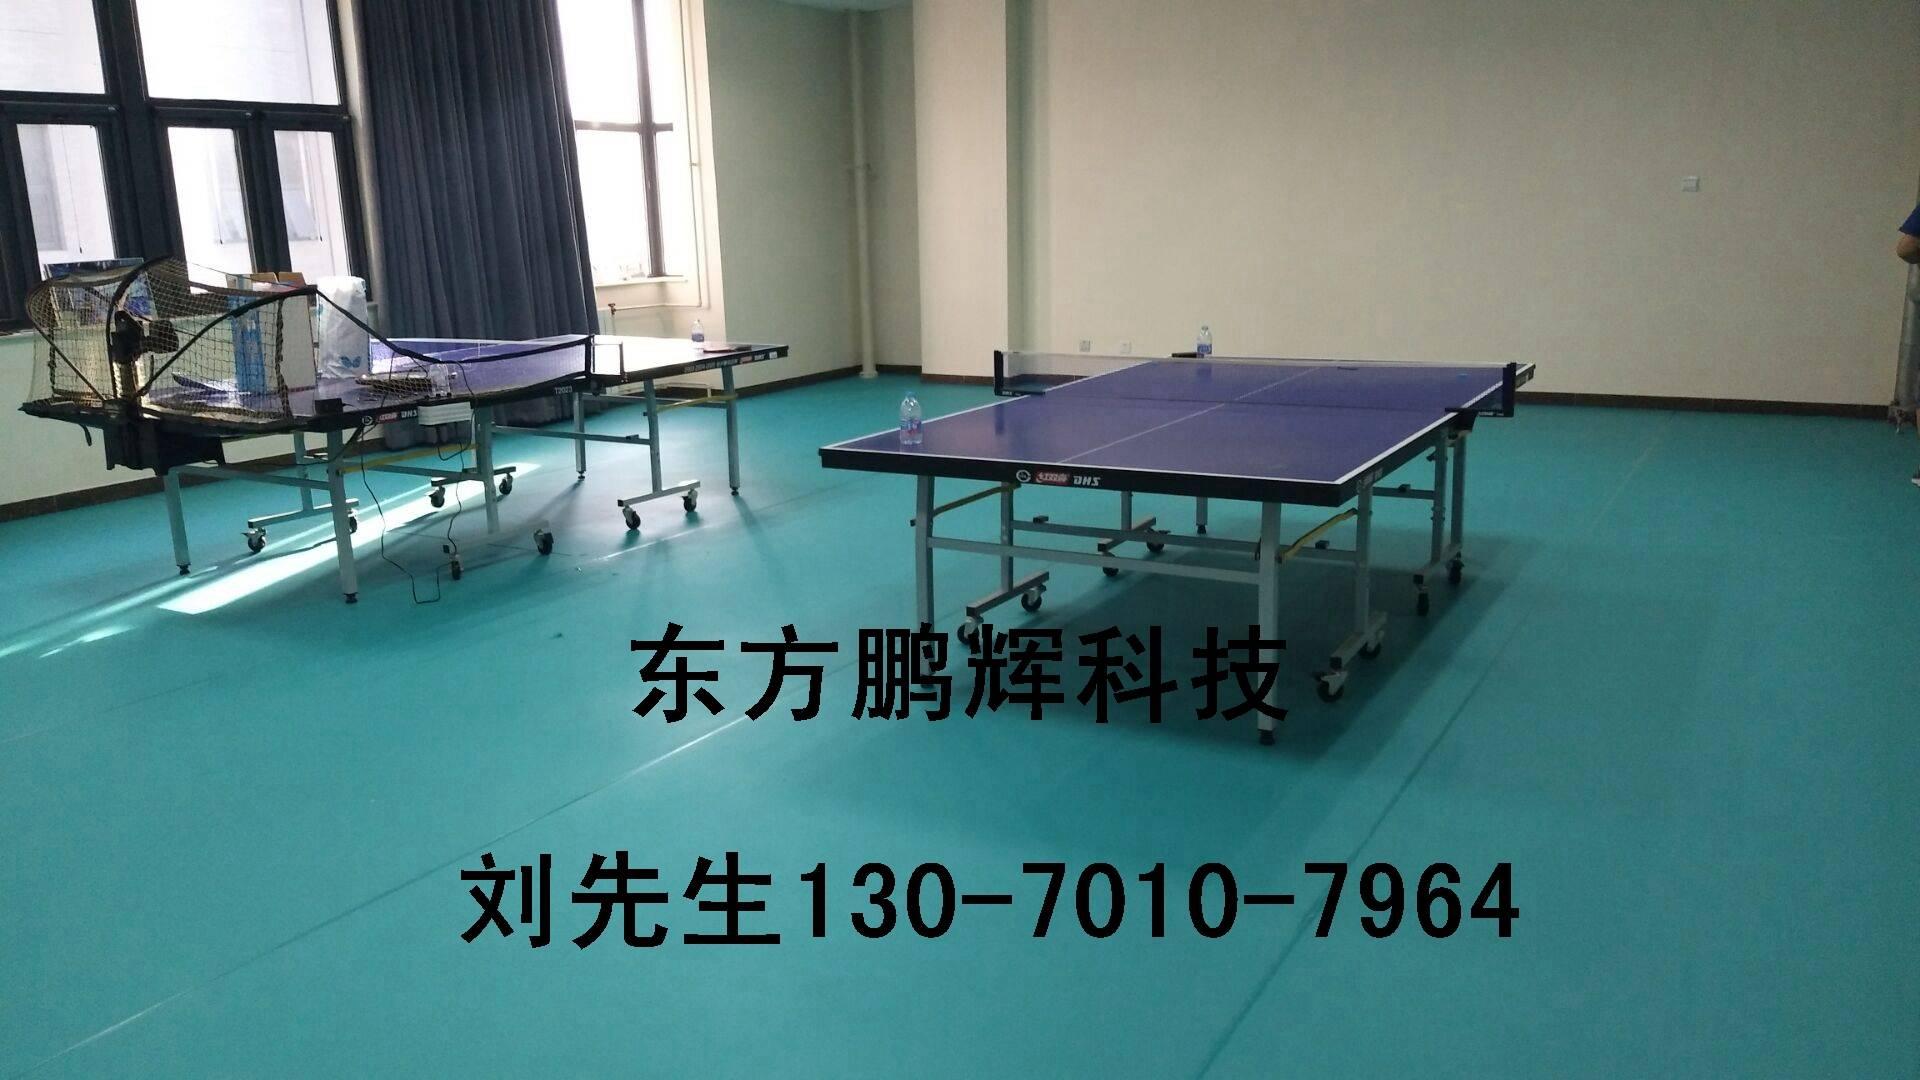 乒乓球运动地板 羽毛球馆场地要求羽毛球地胶品牌排行